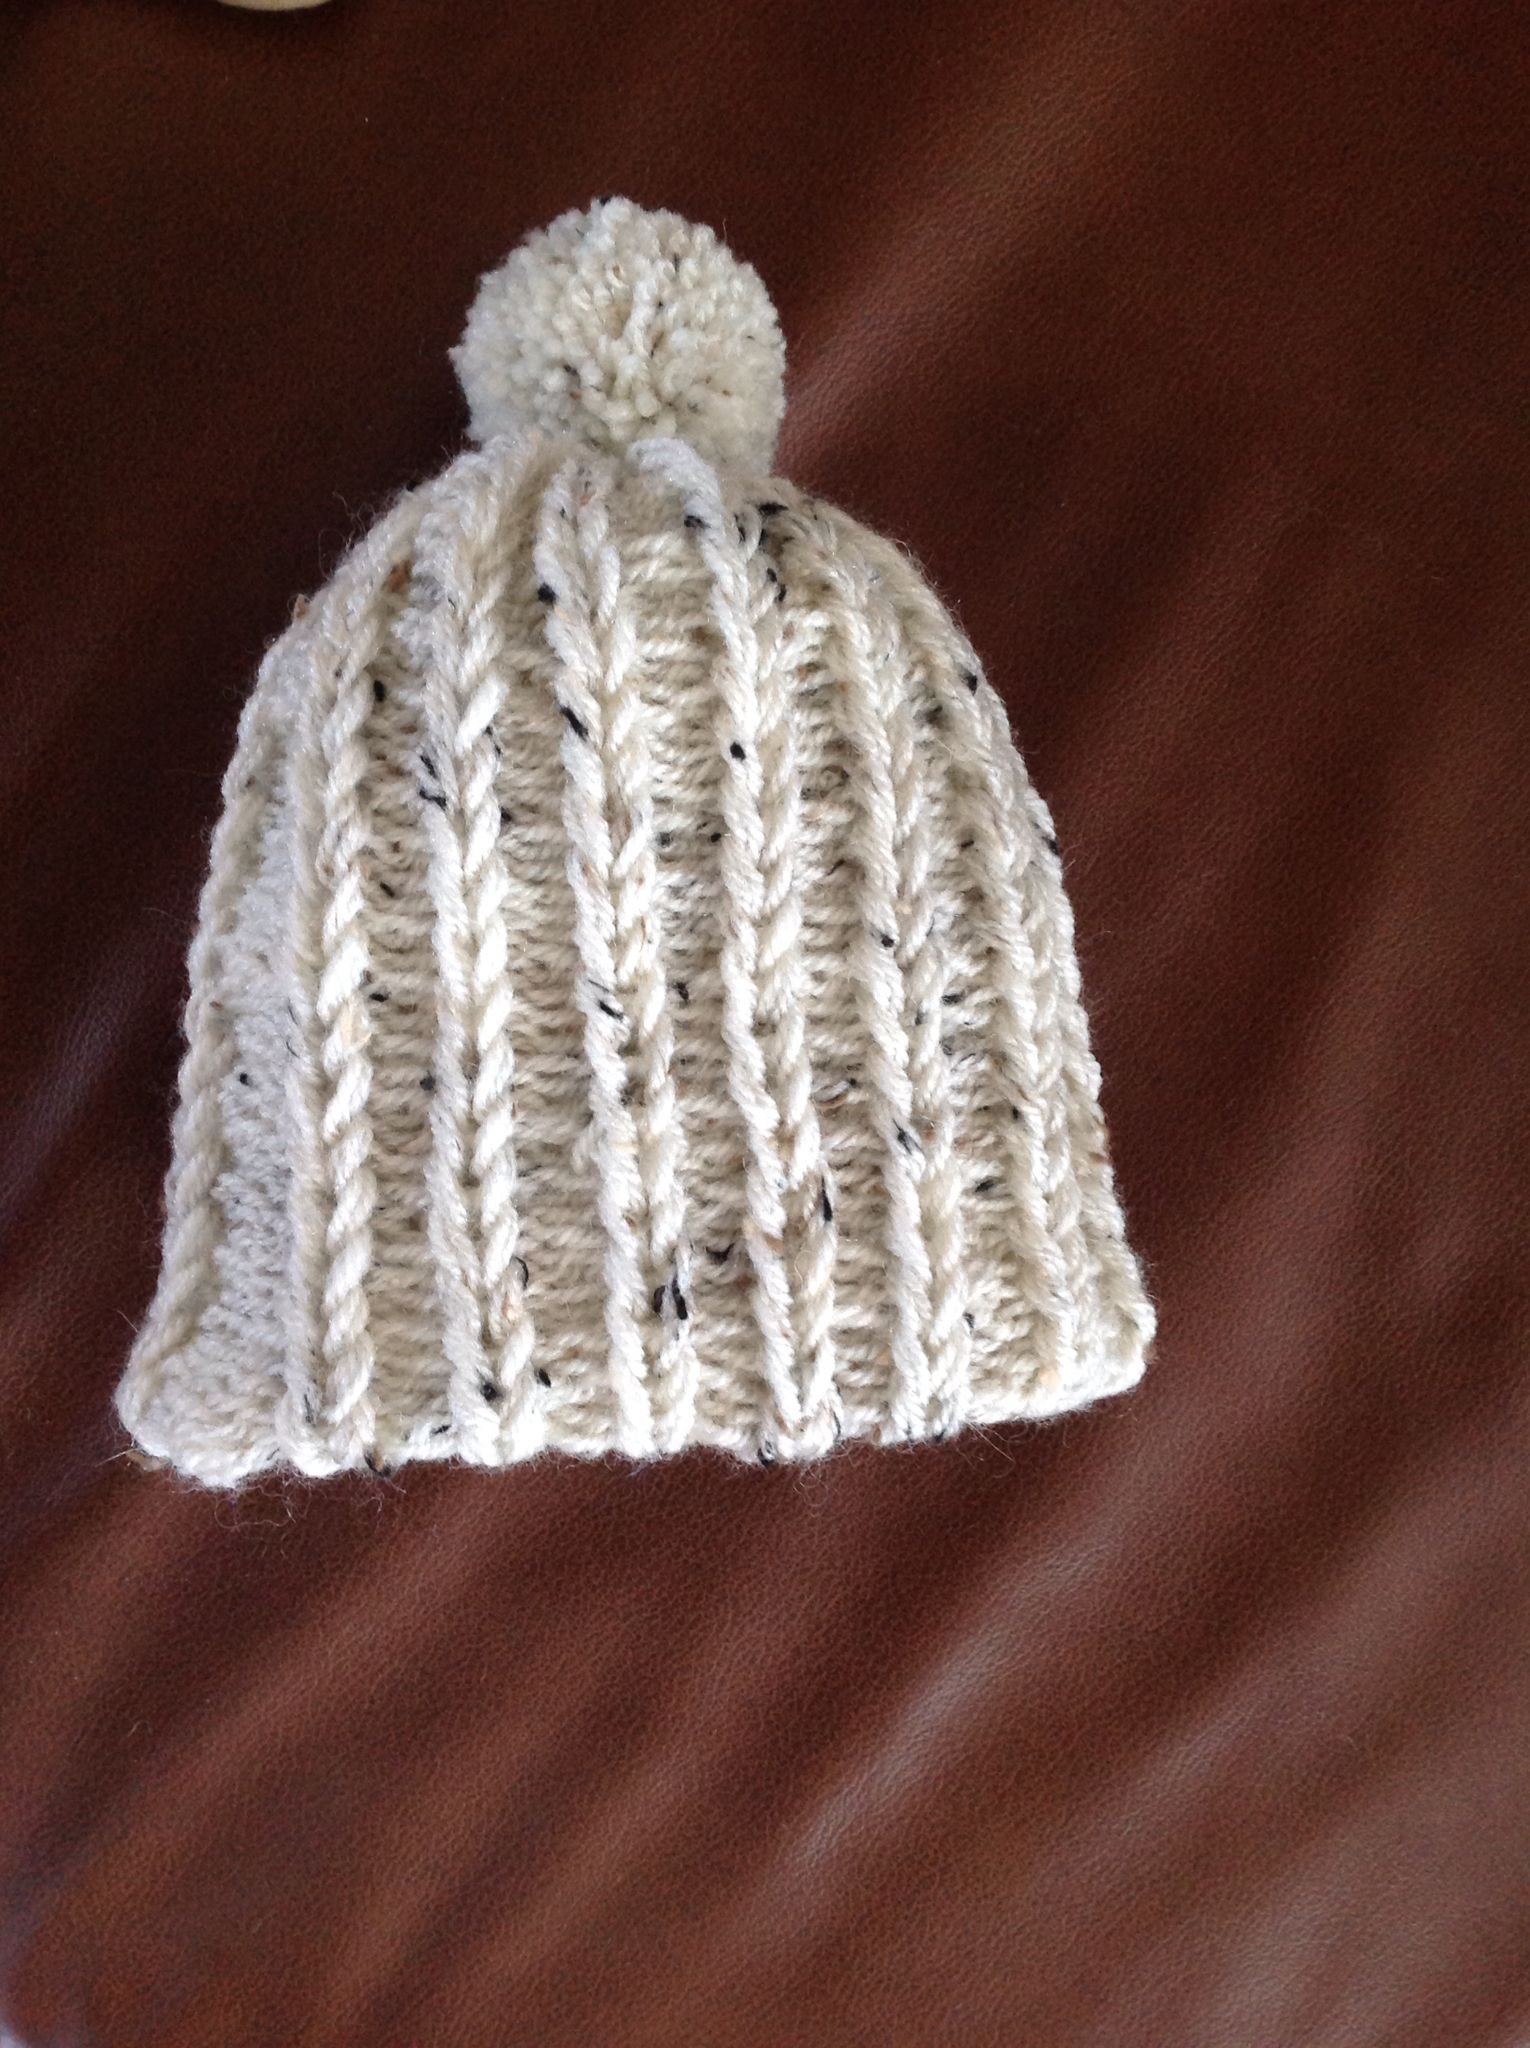 Ribbed baby hat - addi express kingsize   addi express patterns ...